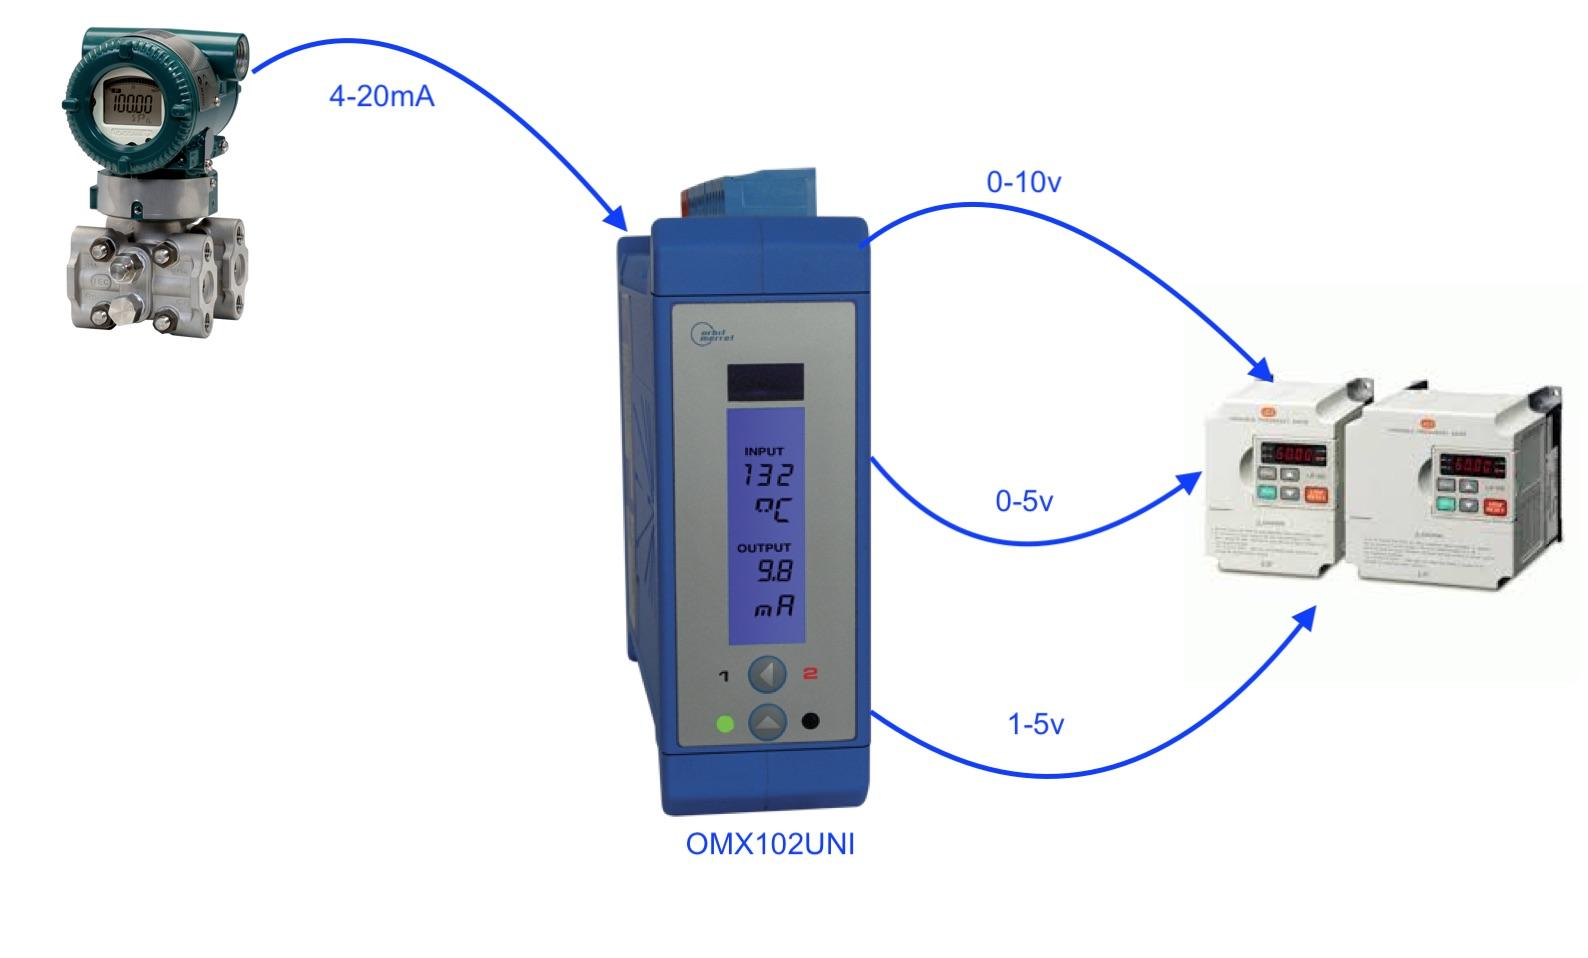 Bộ chuyển tín hiệu 4-20mA sang 0-5V / 0-10v / 1-5v